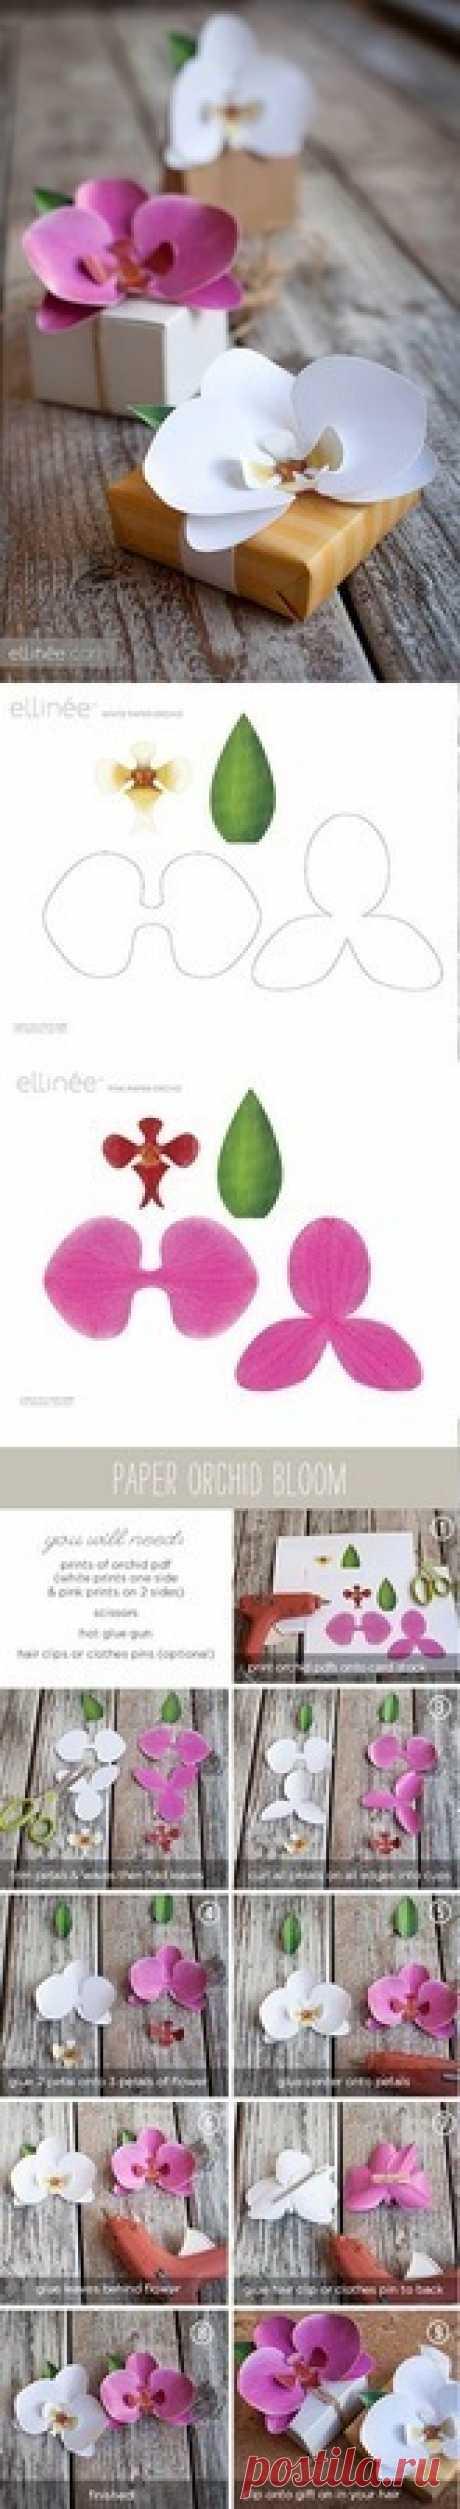 (+1) Выкройки для цветов из ткани, кожи, фоамирана